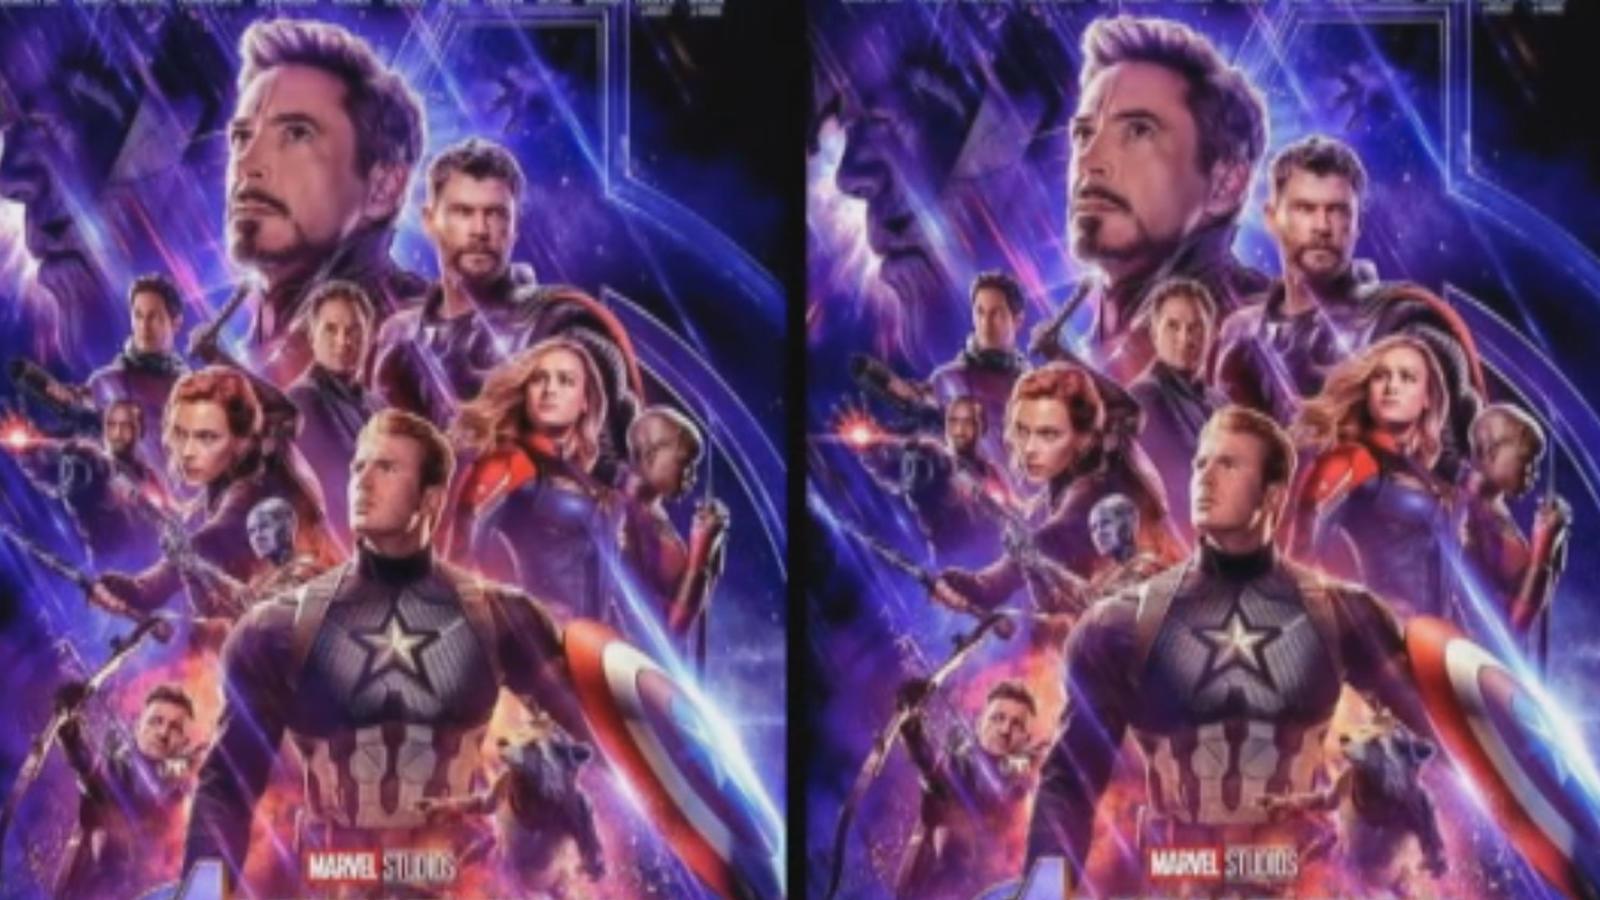 'Avengers: Endgame': Mark Ruffalo missing his hulk?